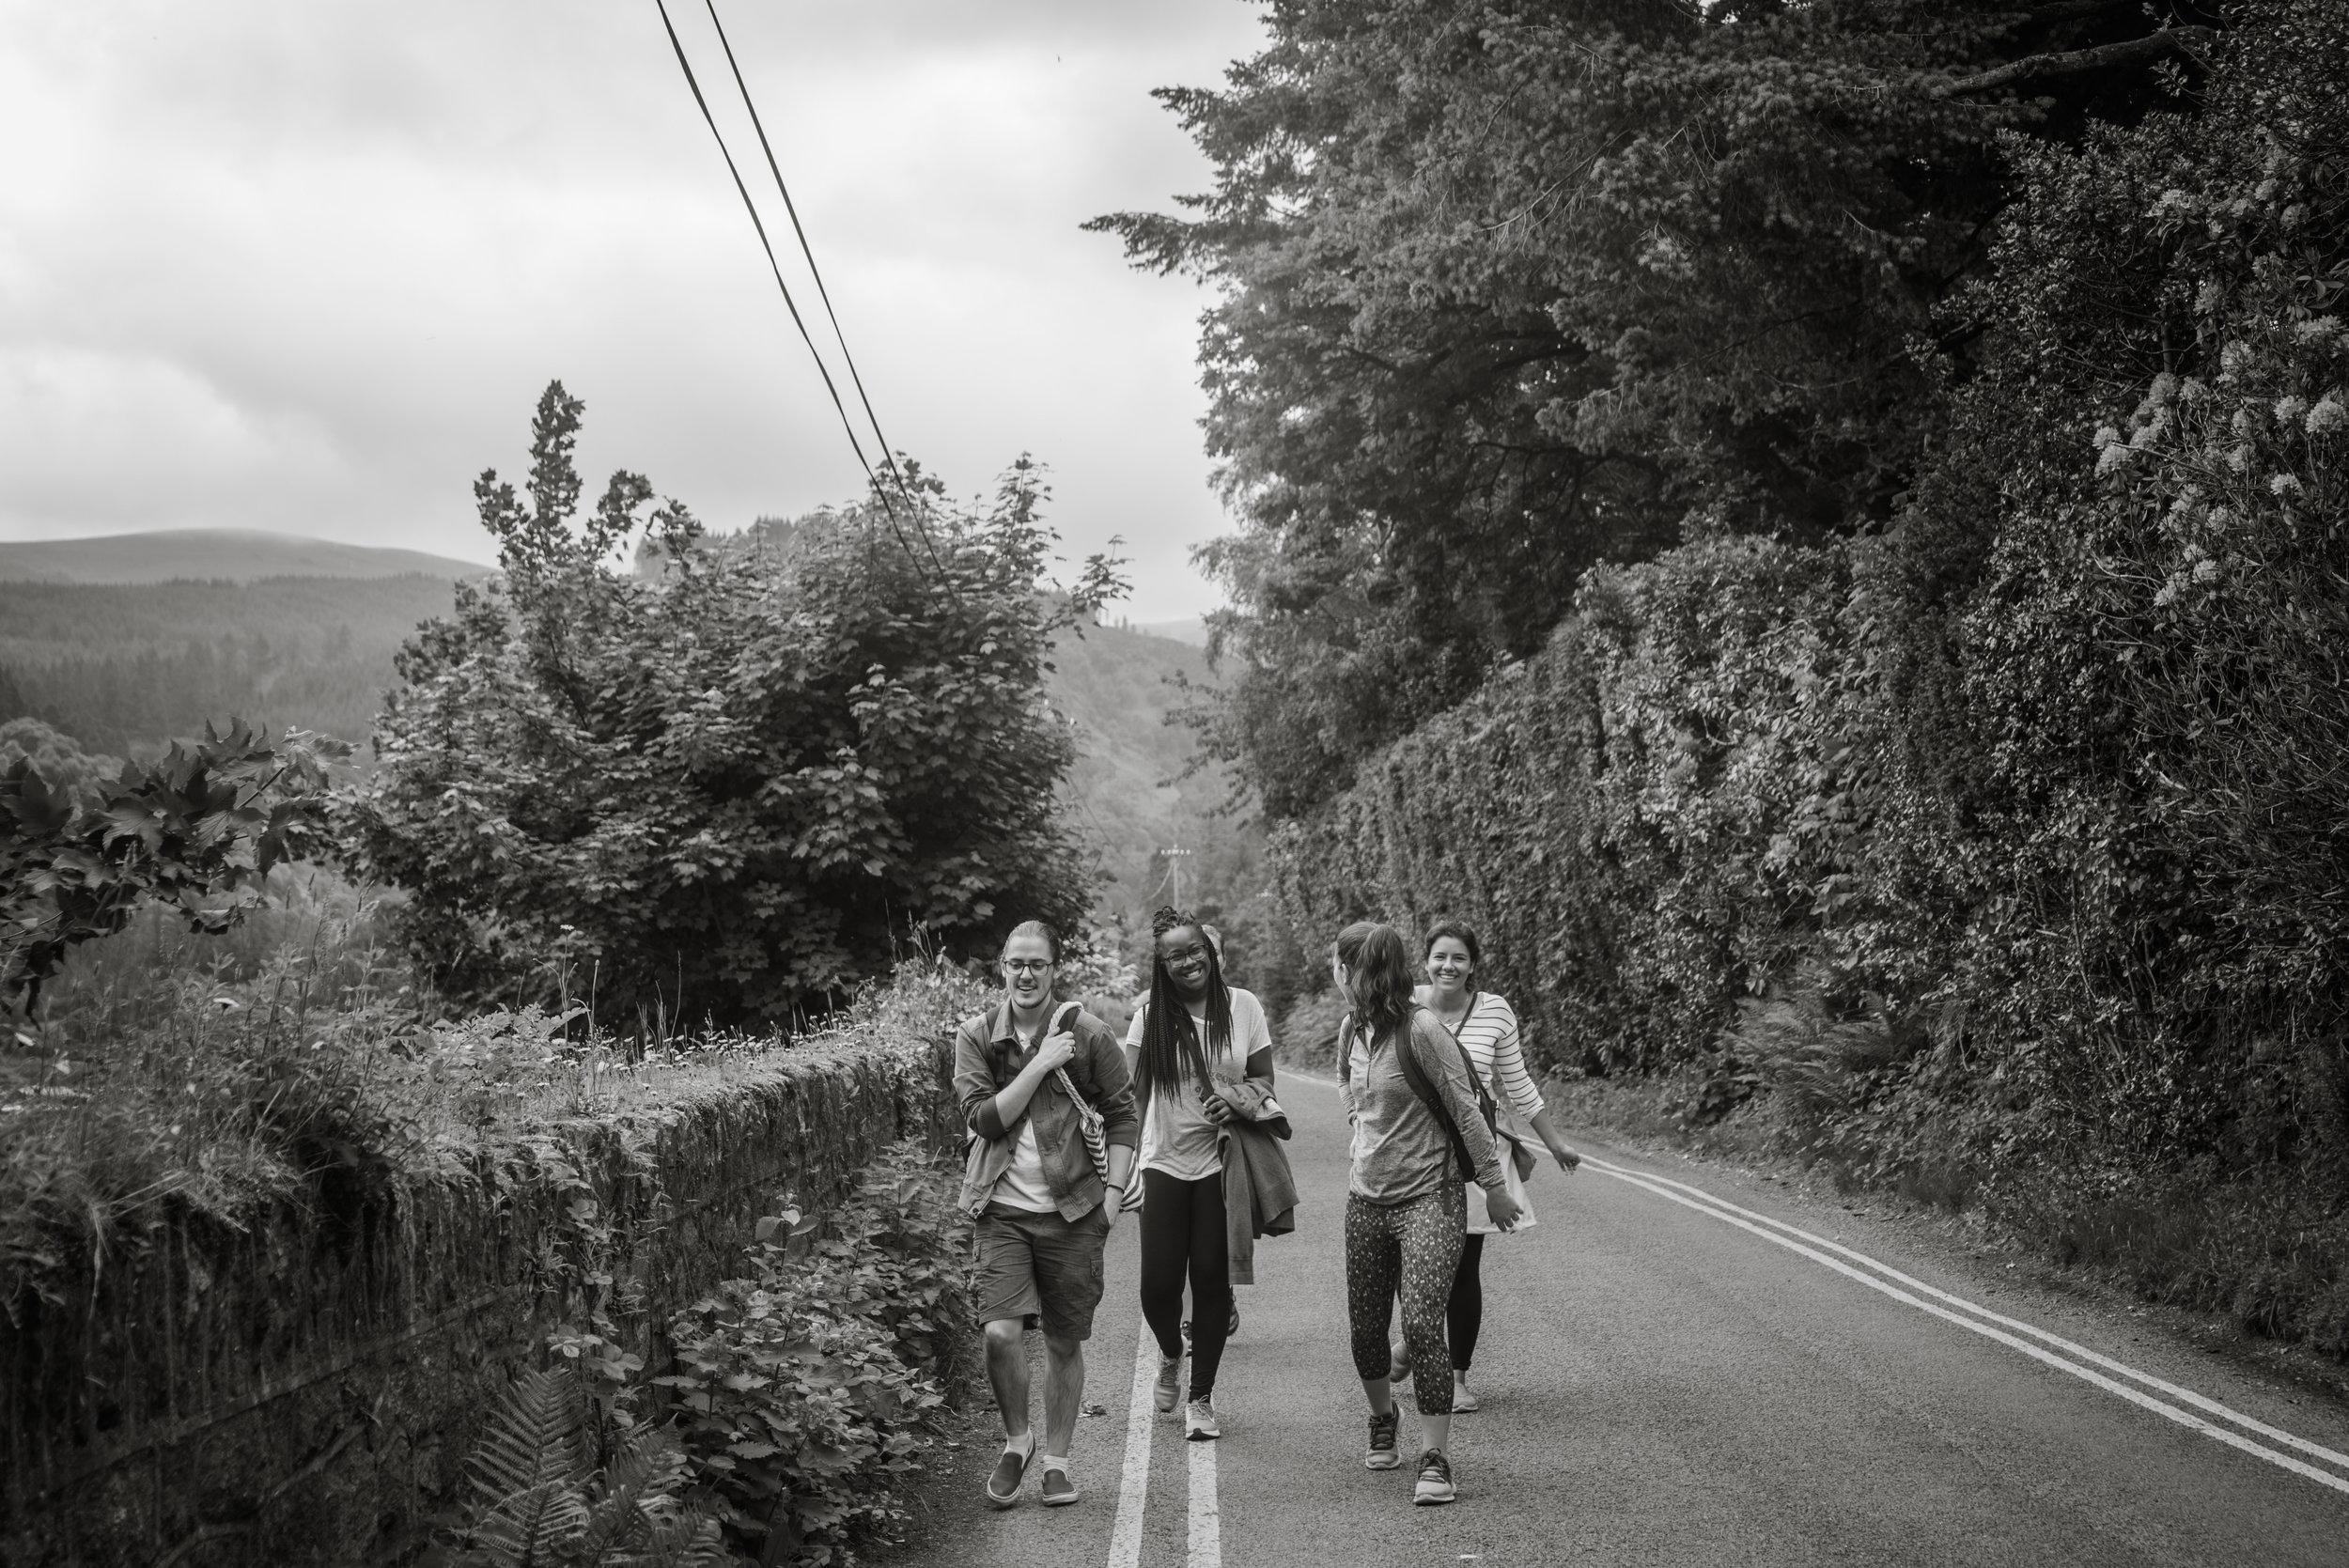 We had fun walking back.